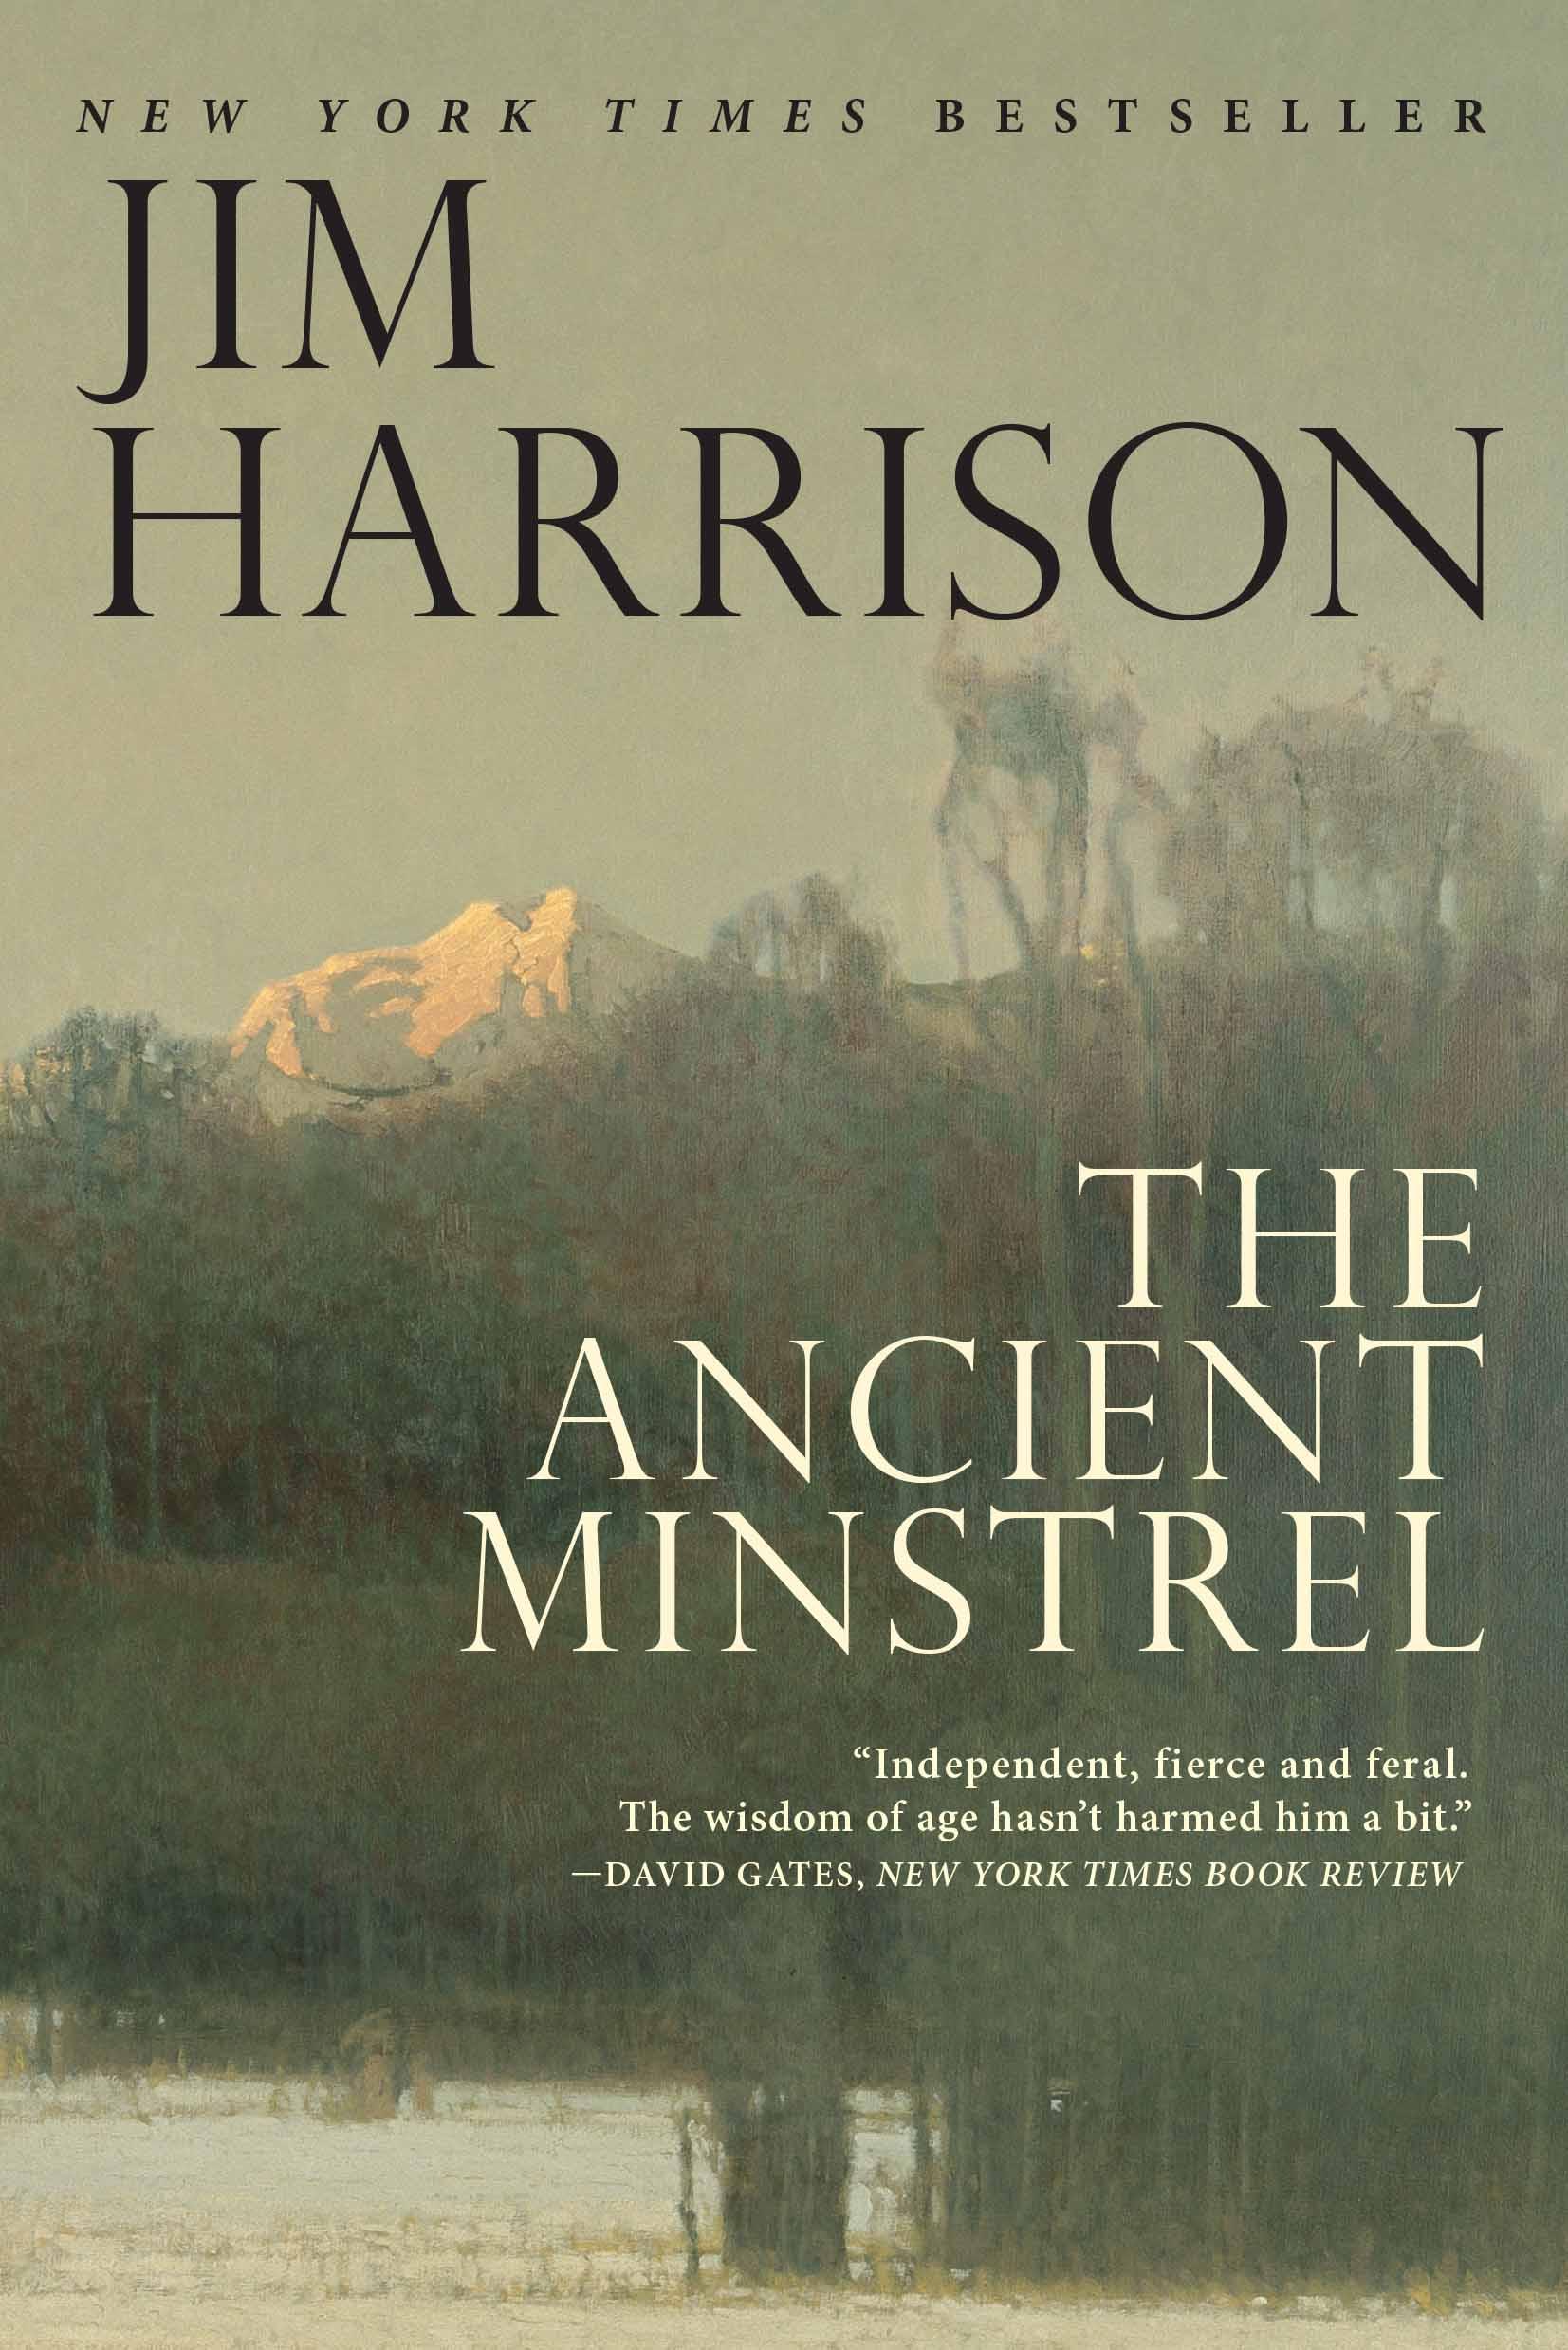 The Ancient Minstrel | Grove Atlantic